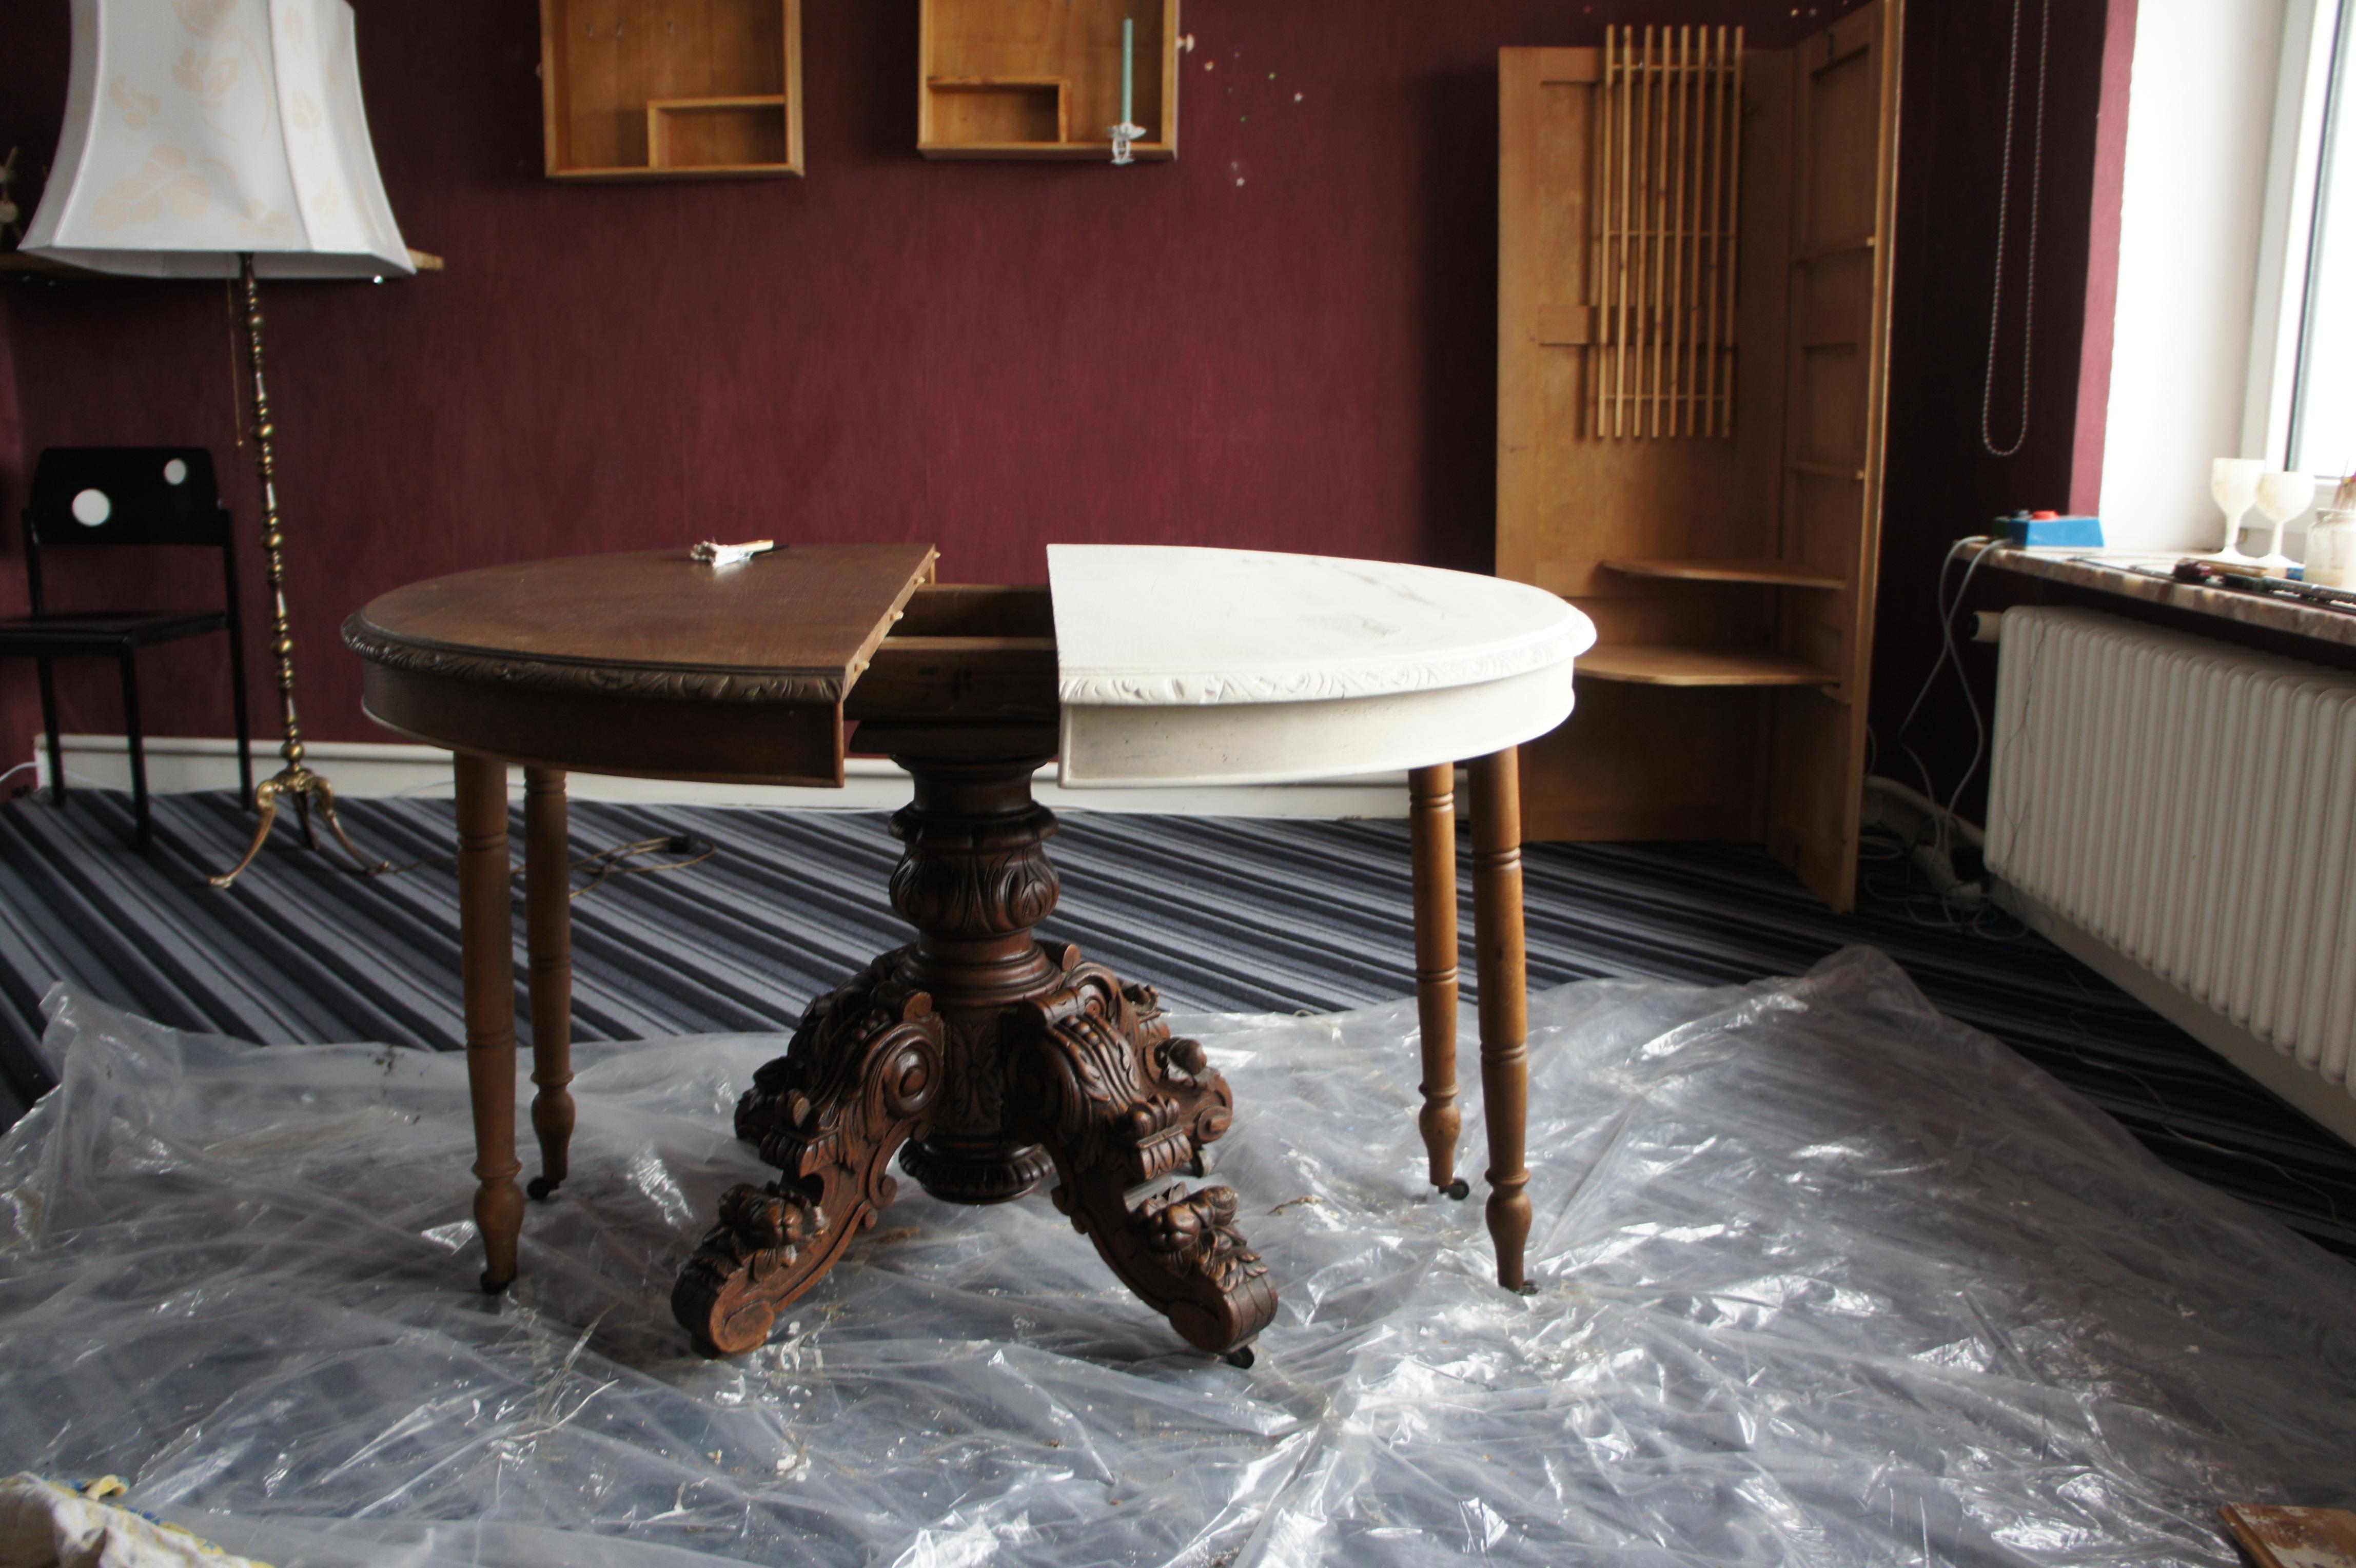 m bel buntes aus dem norden ein tagebuch vom land leben und meer. Black Bedroom Furniture Sets. Home Design Ideas